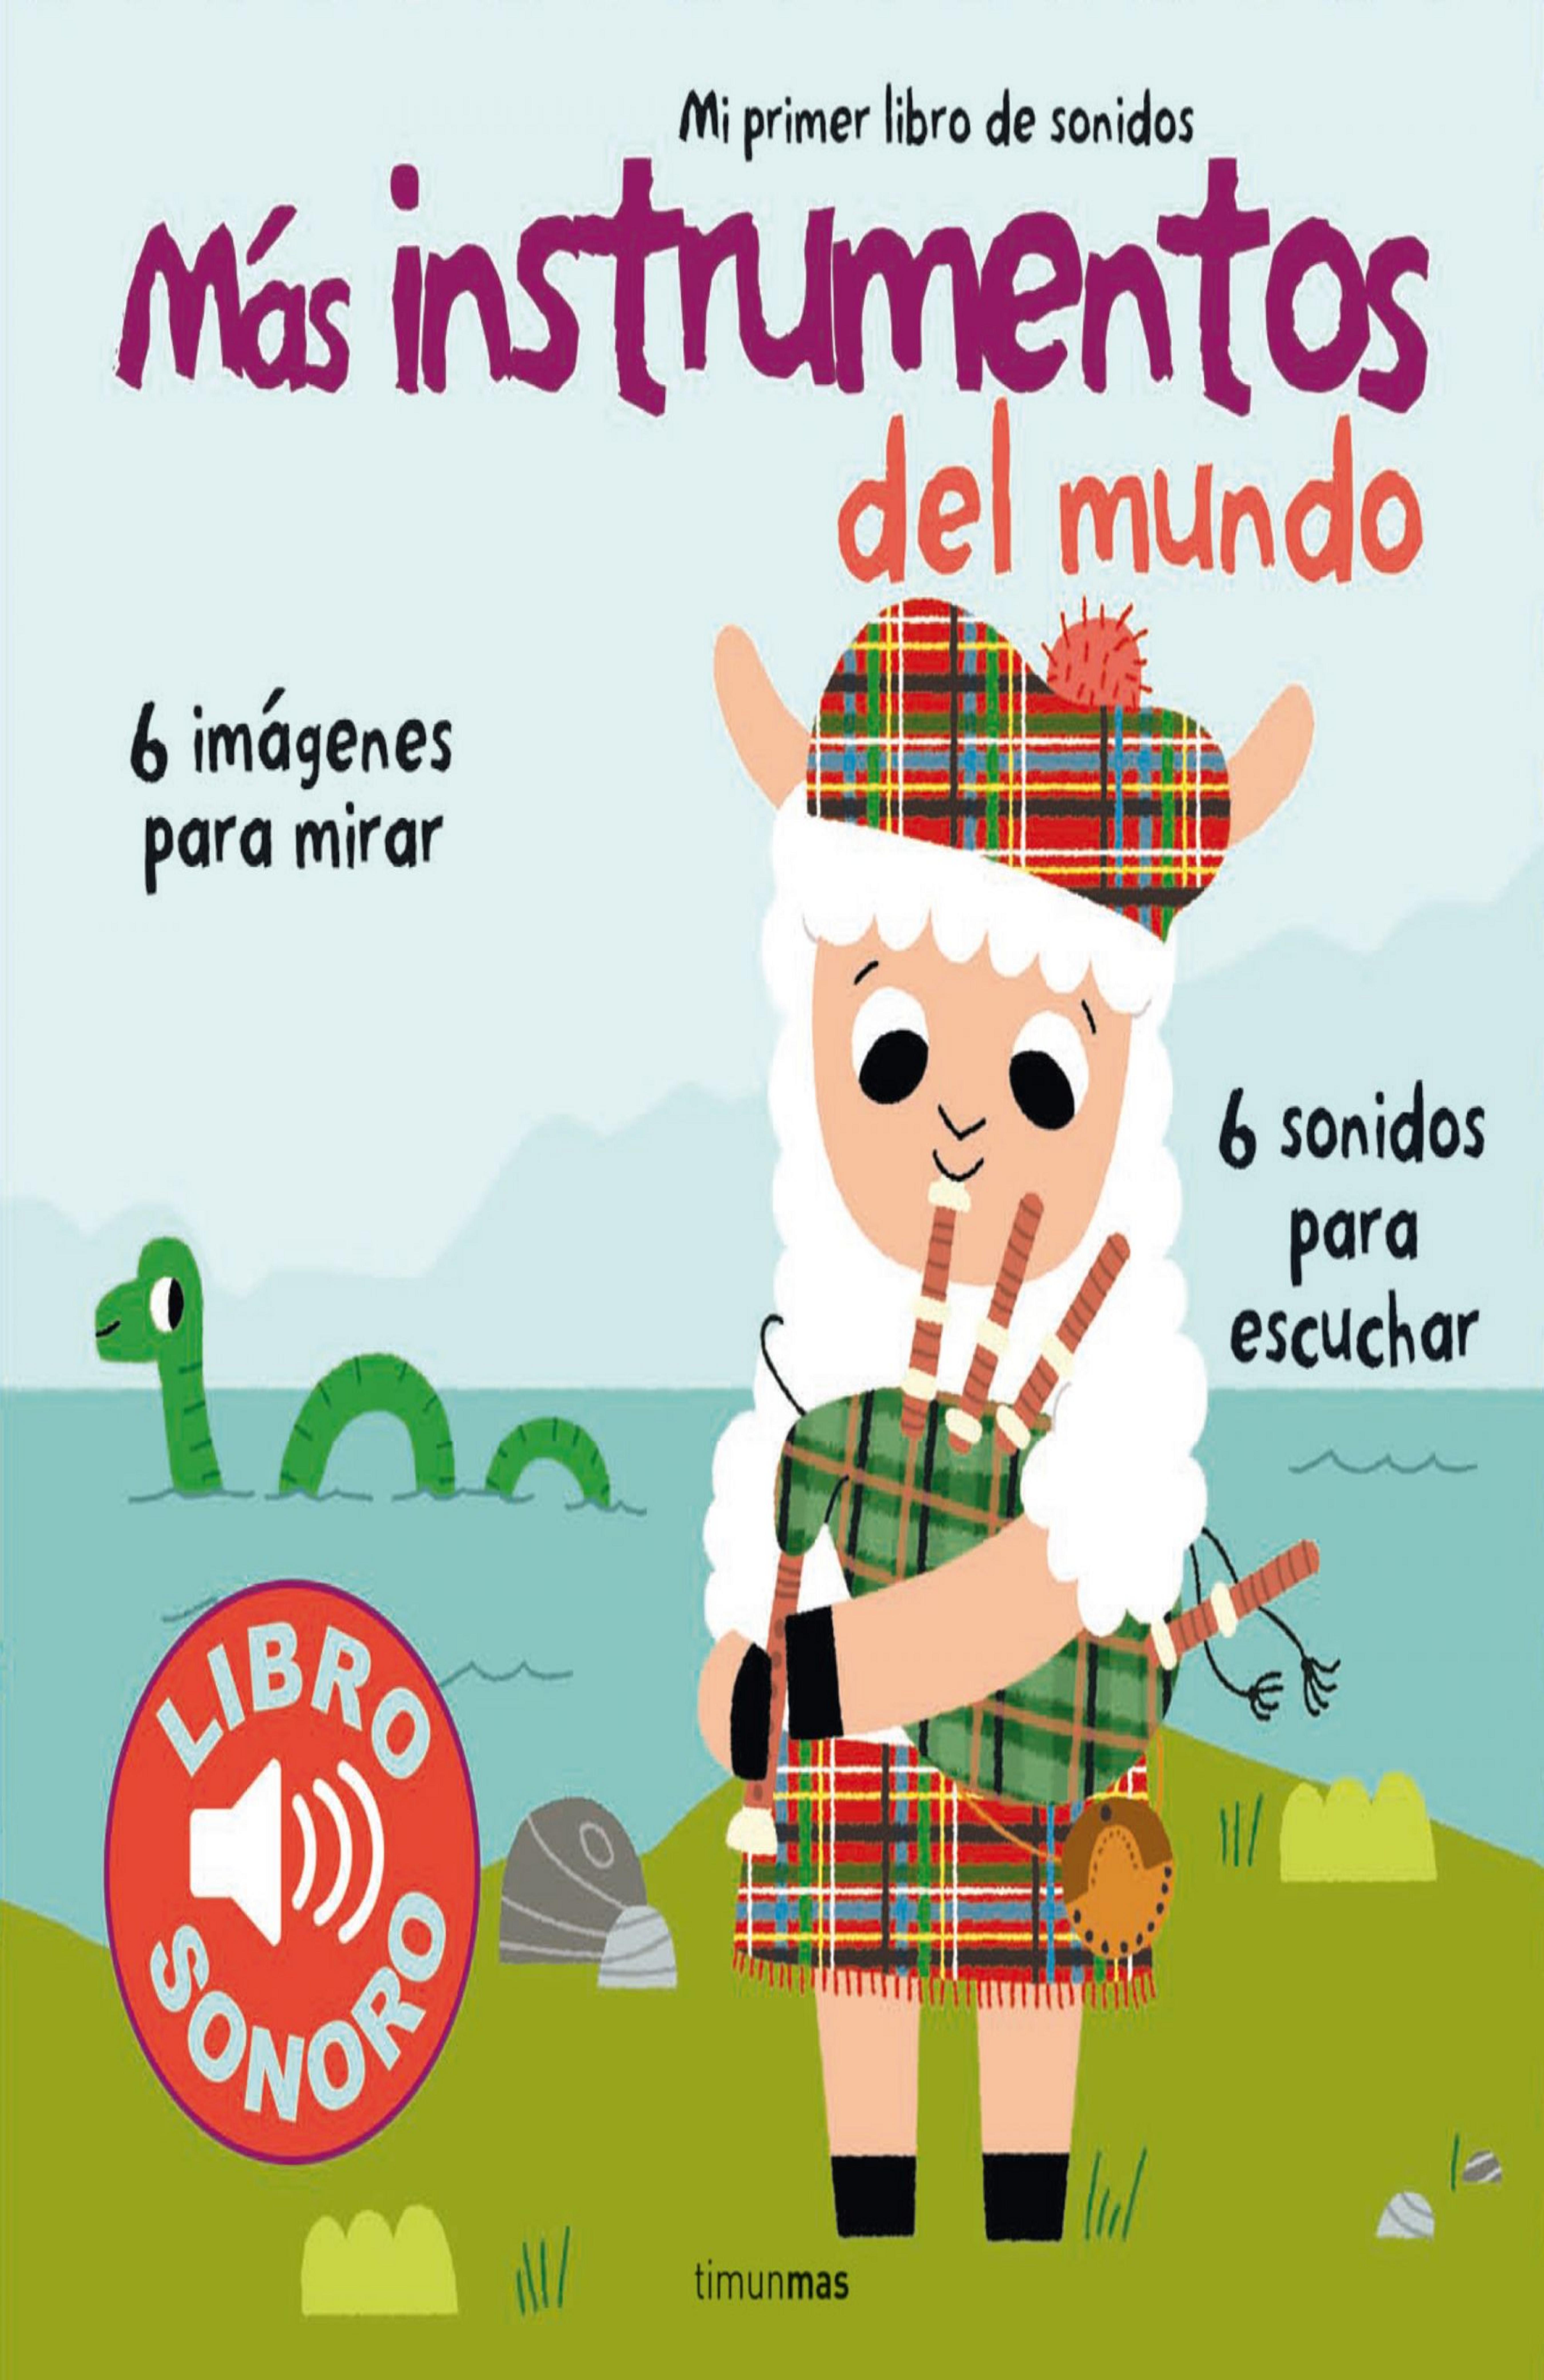 MÁS INSTRUMENTOS DEL MUNDO - Libro Sonoro